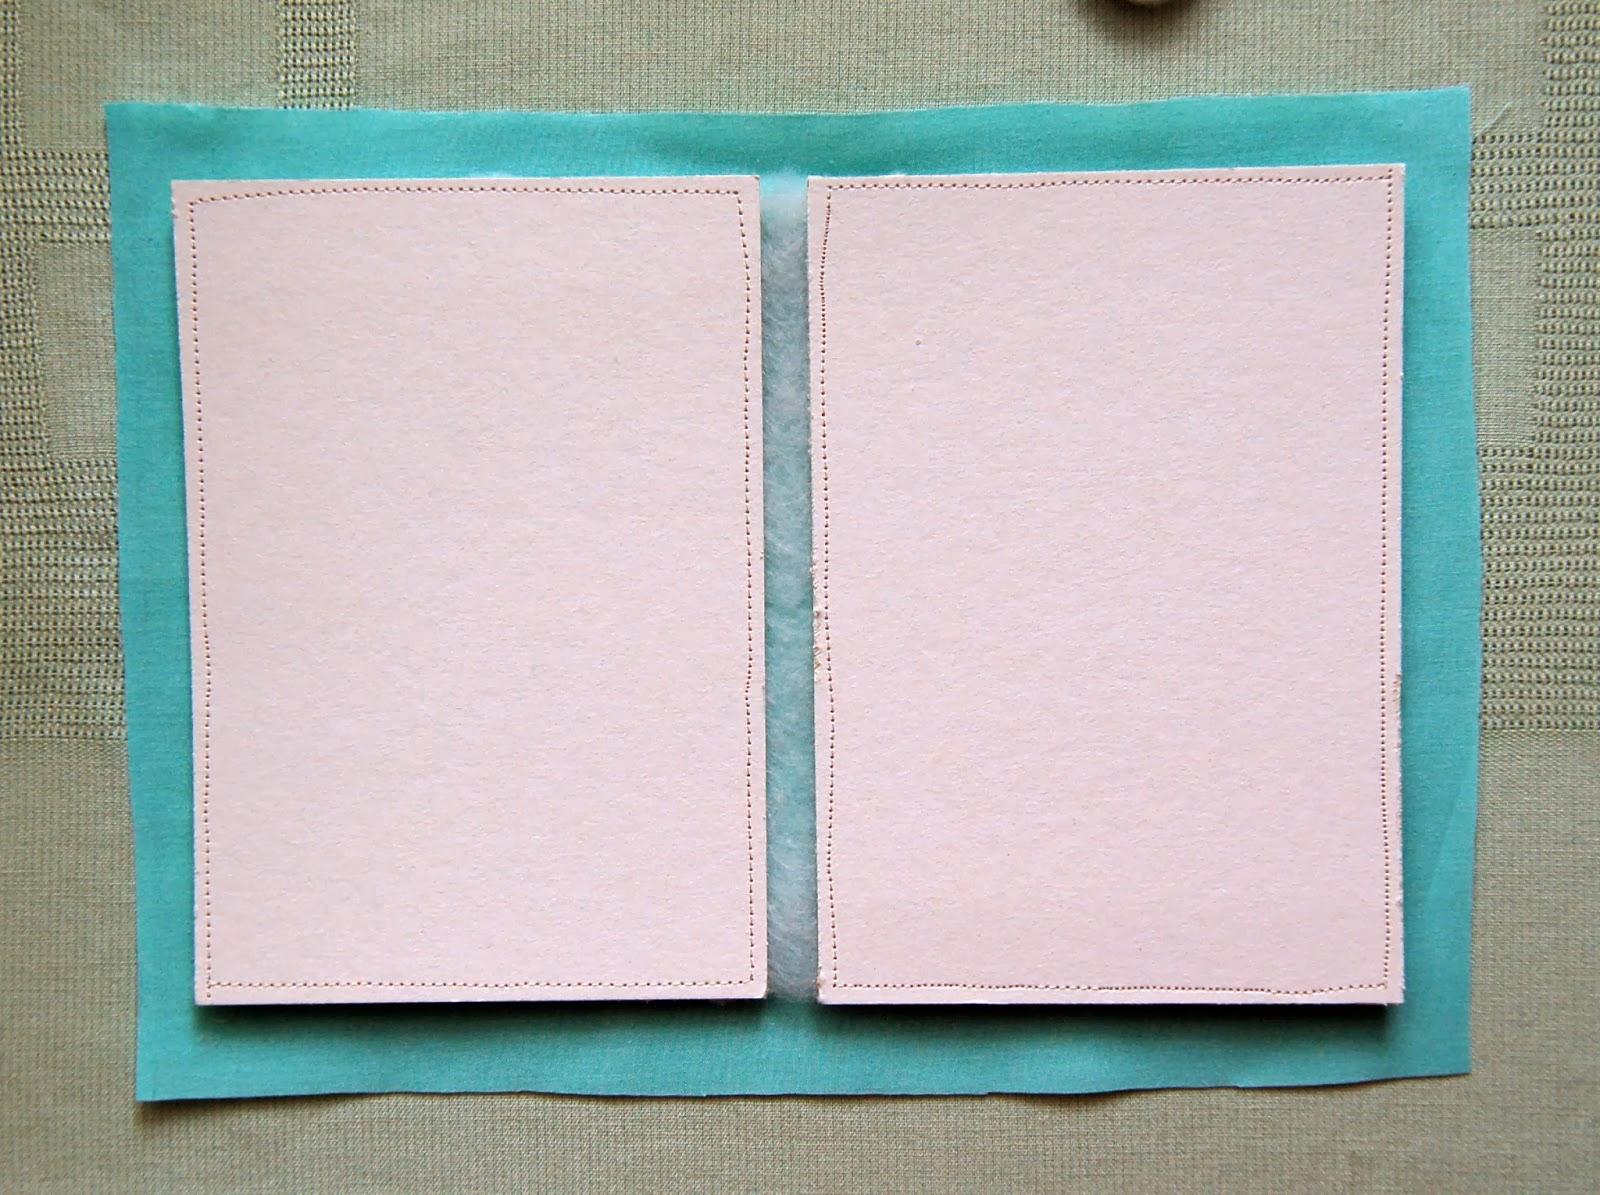 Обложка для свидетельства о рождении из ткани своими руками фото 42